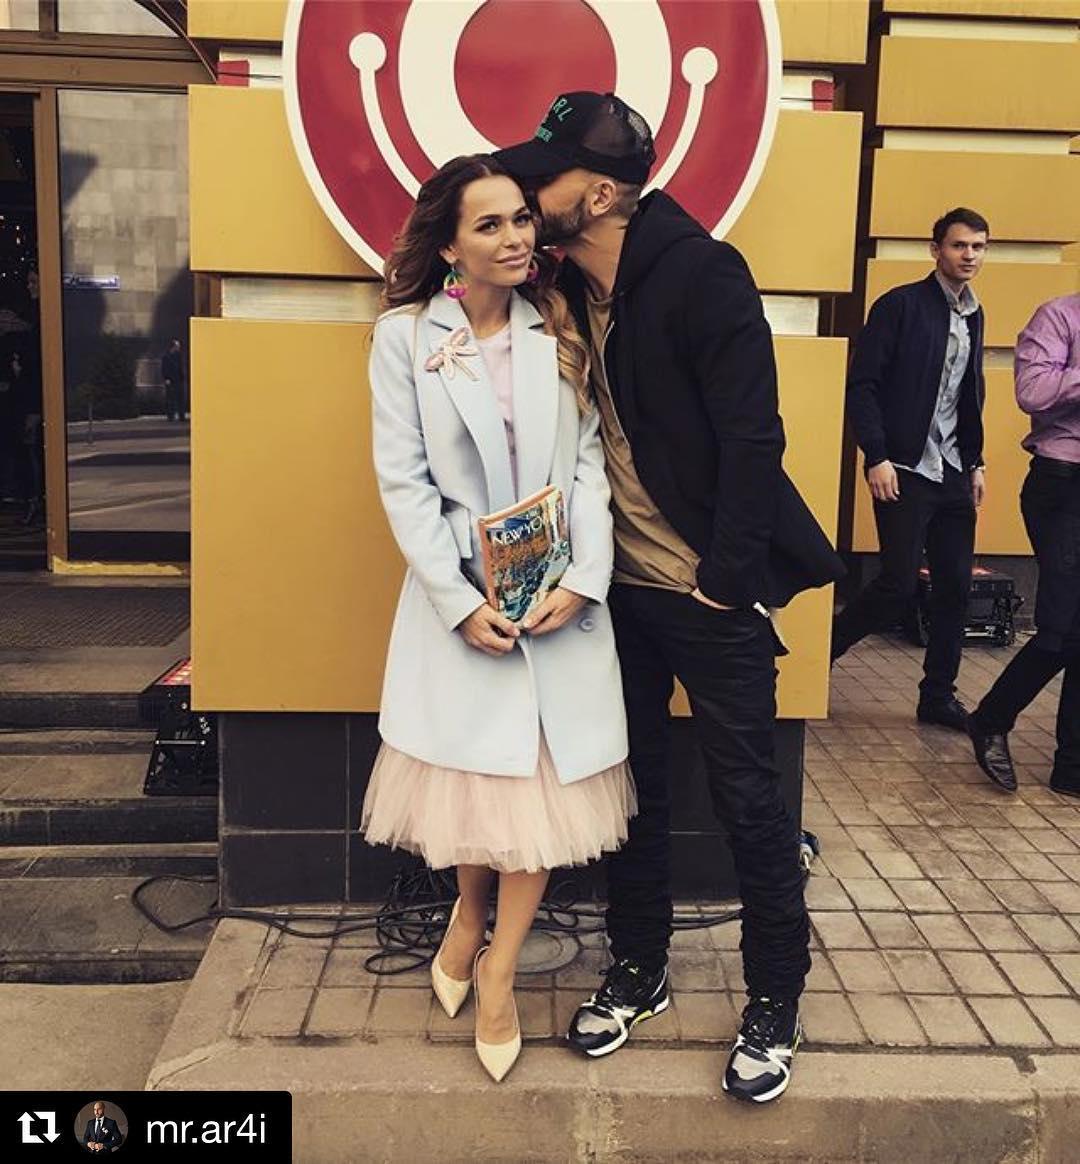 Анна Хилькевич призвала фанатов быть добрее в Инстаграм